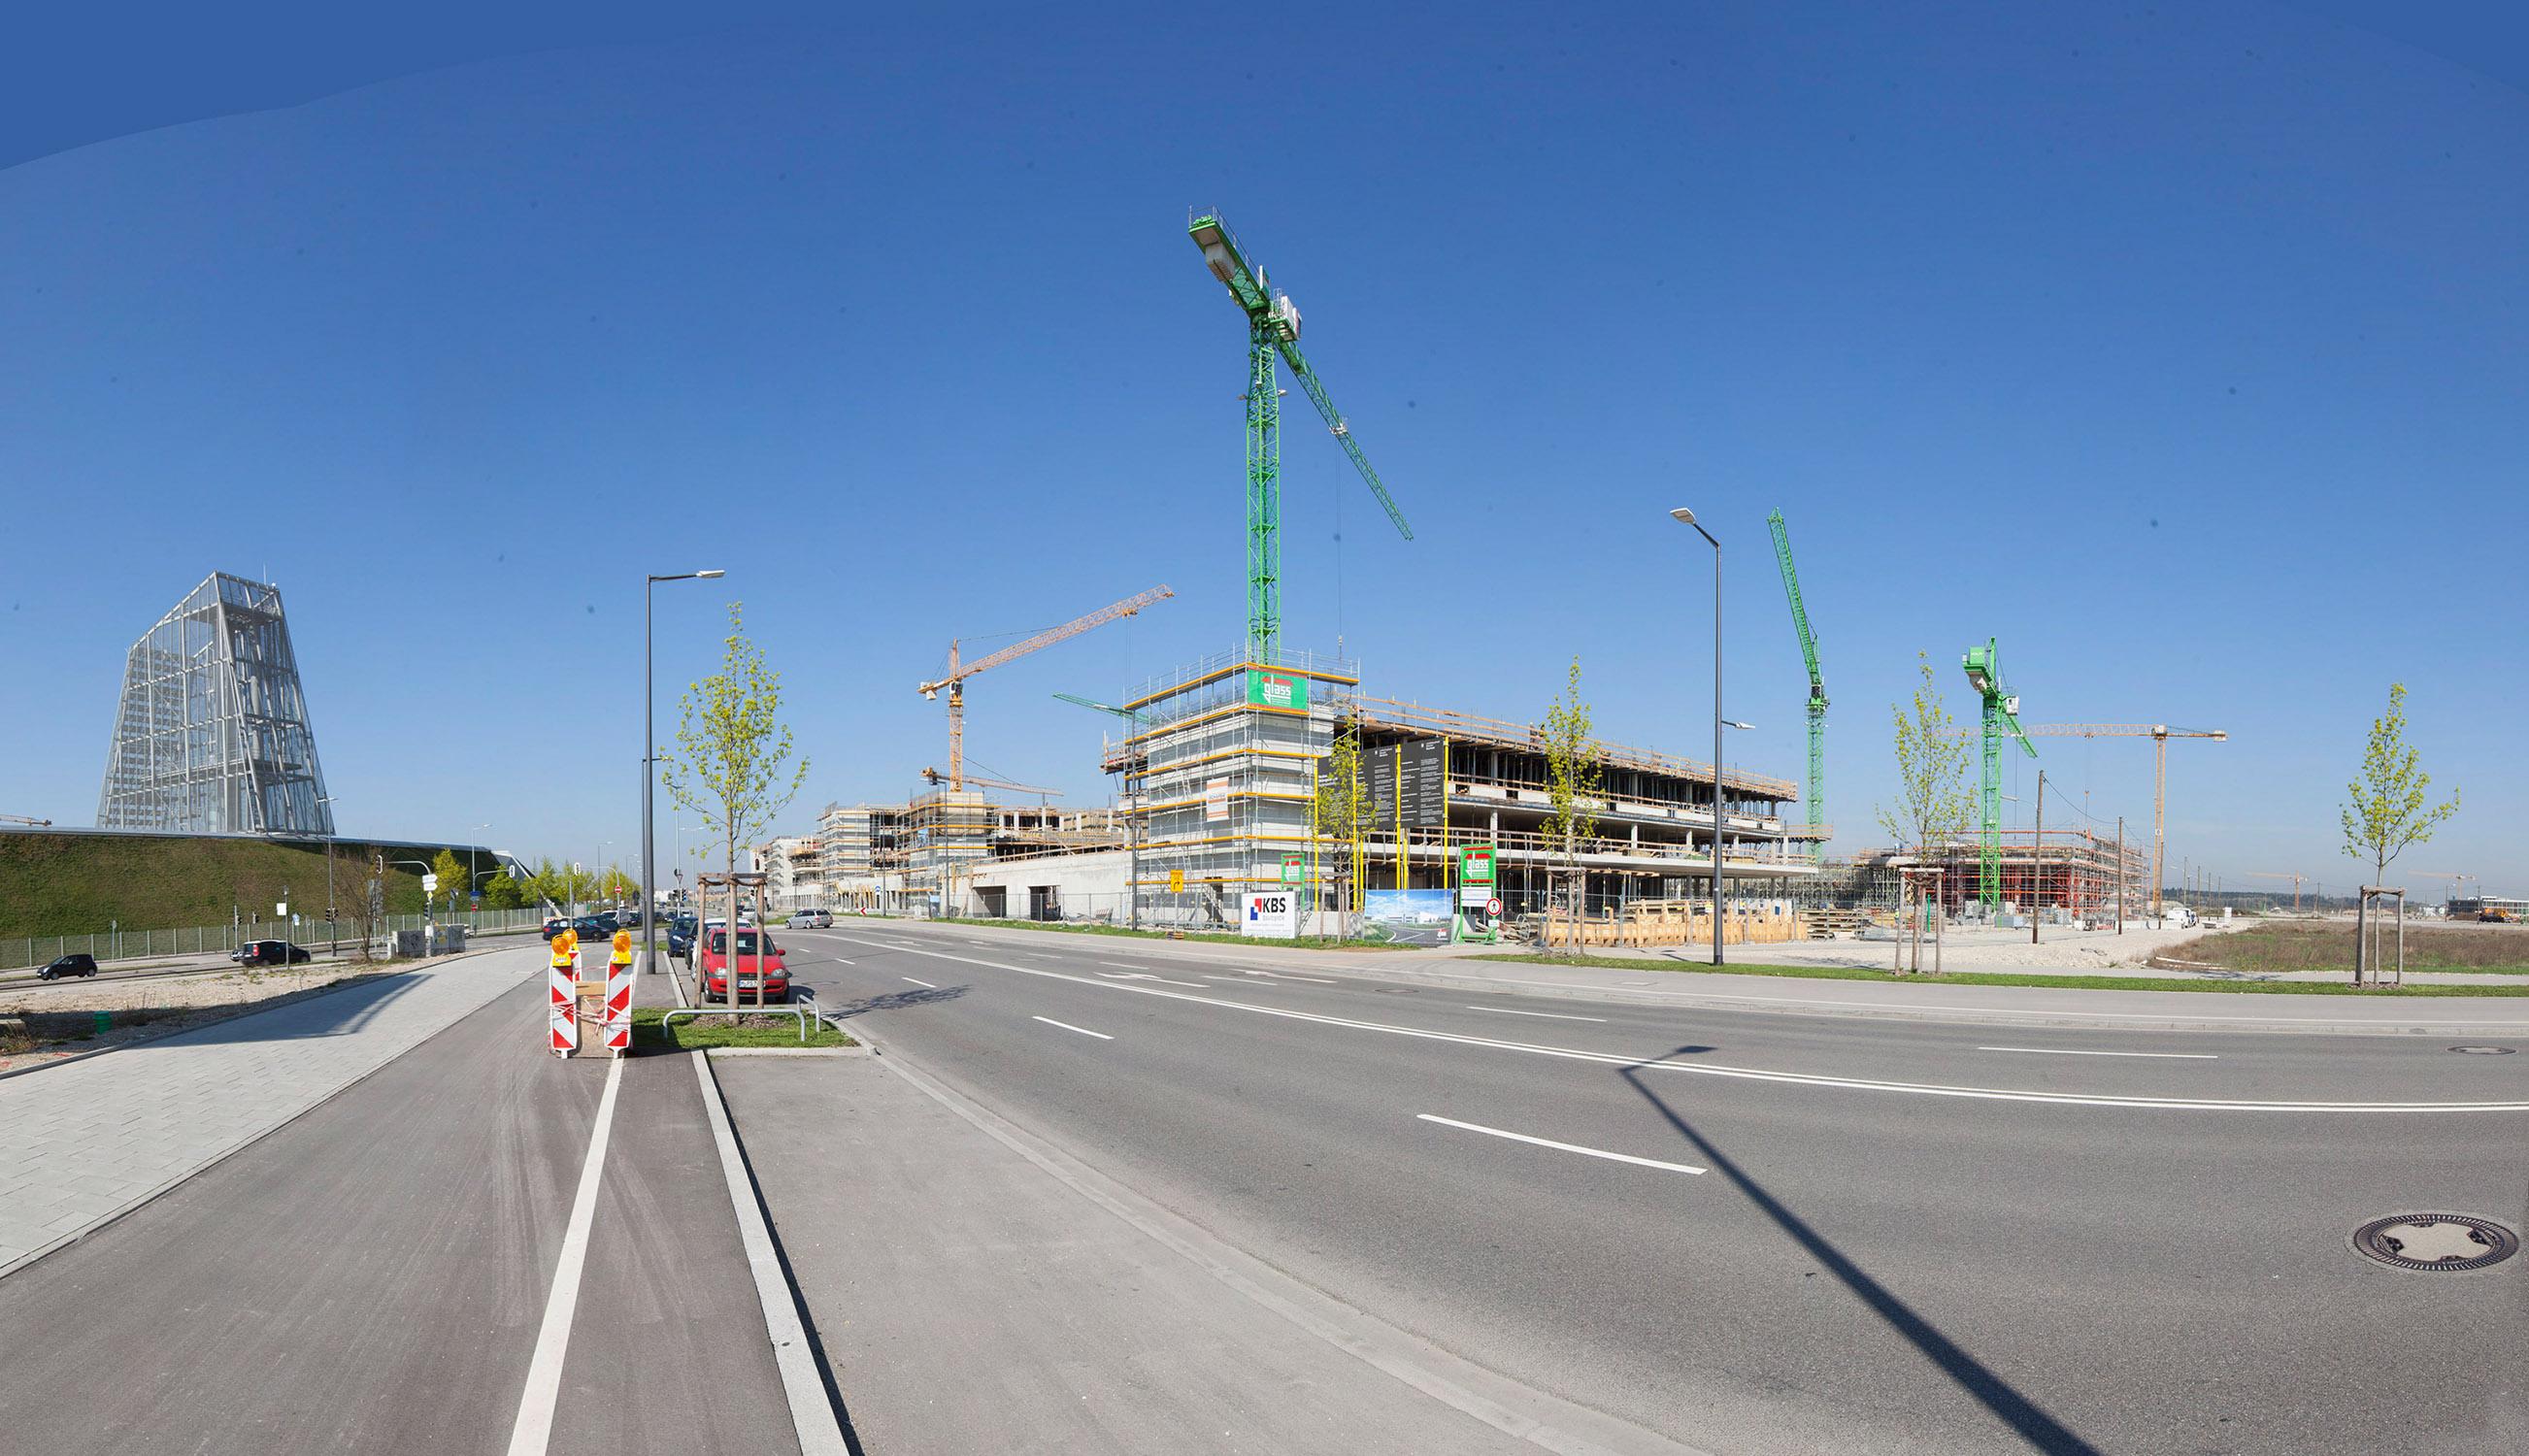 Baustelle im April 2018, Ansicht von der Bodenseestraße, Foto: Christoph Mukherjee, München